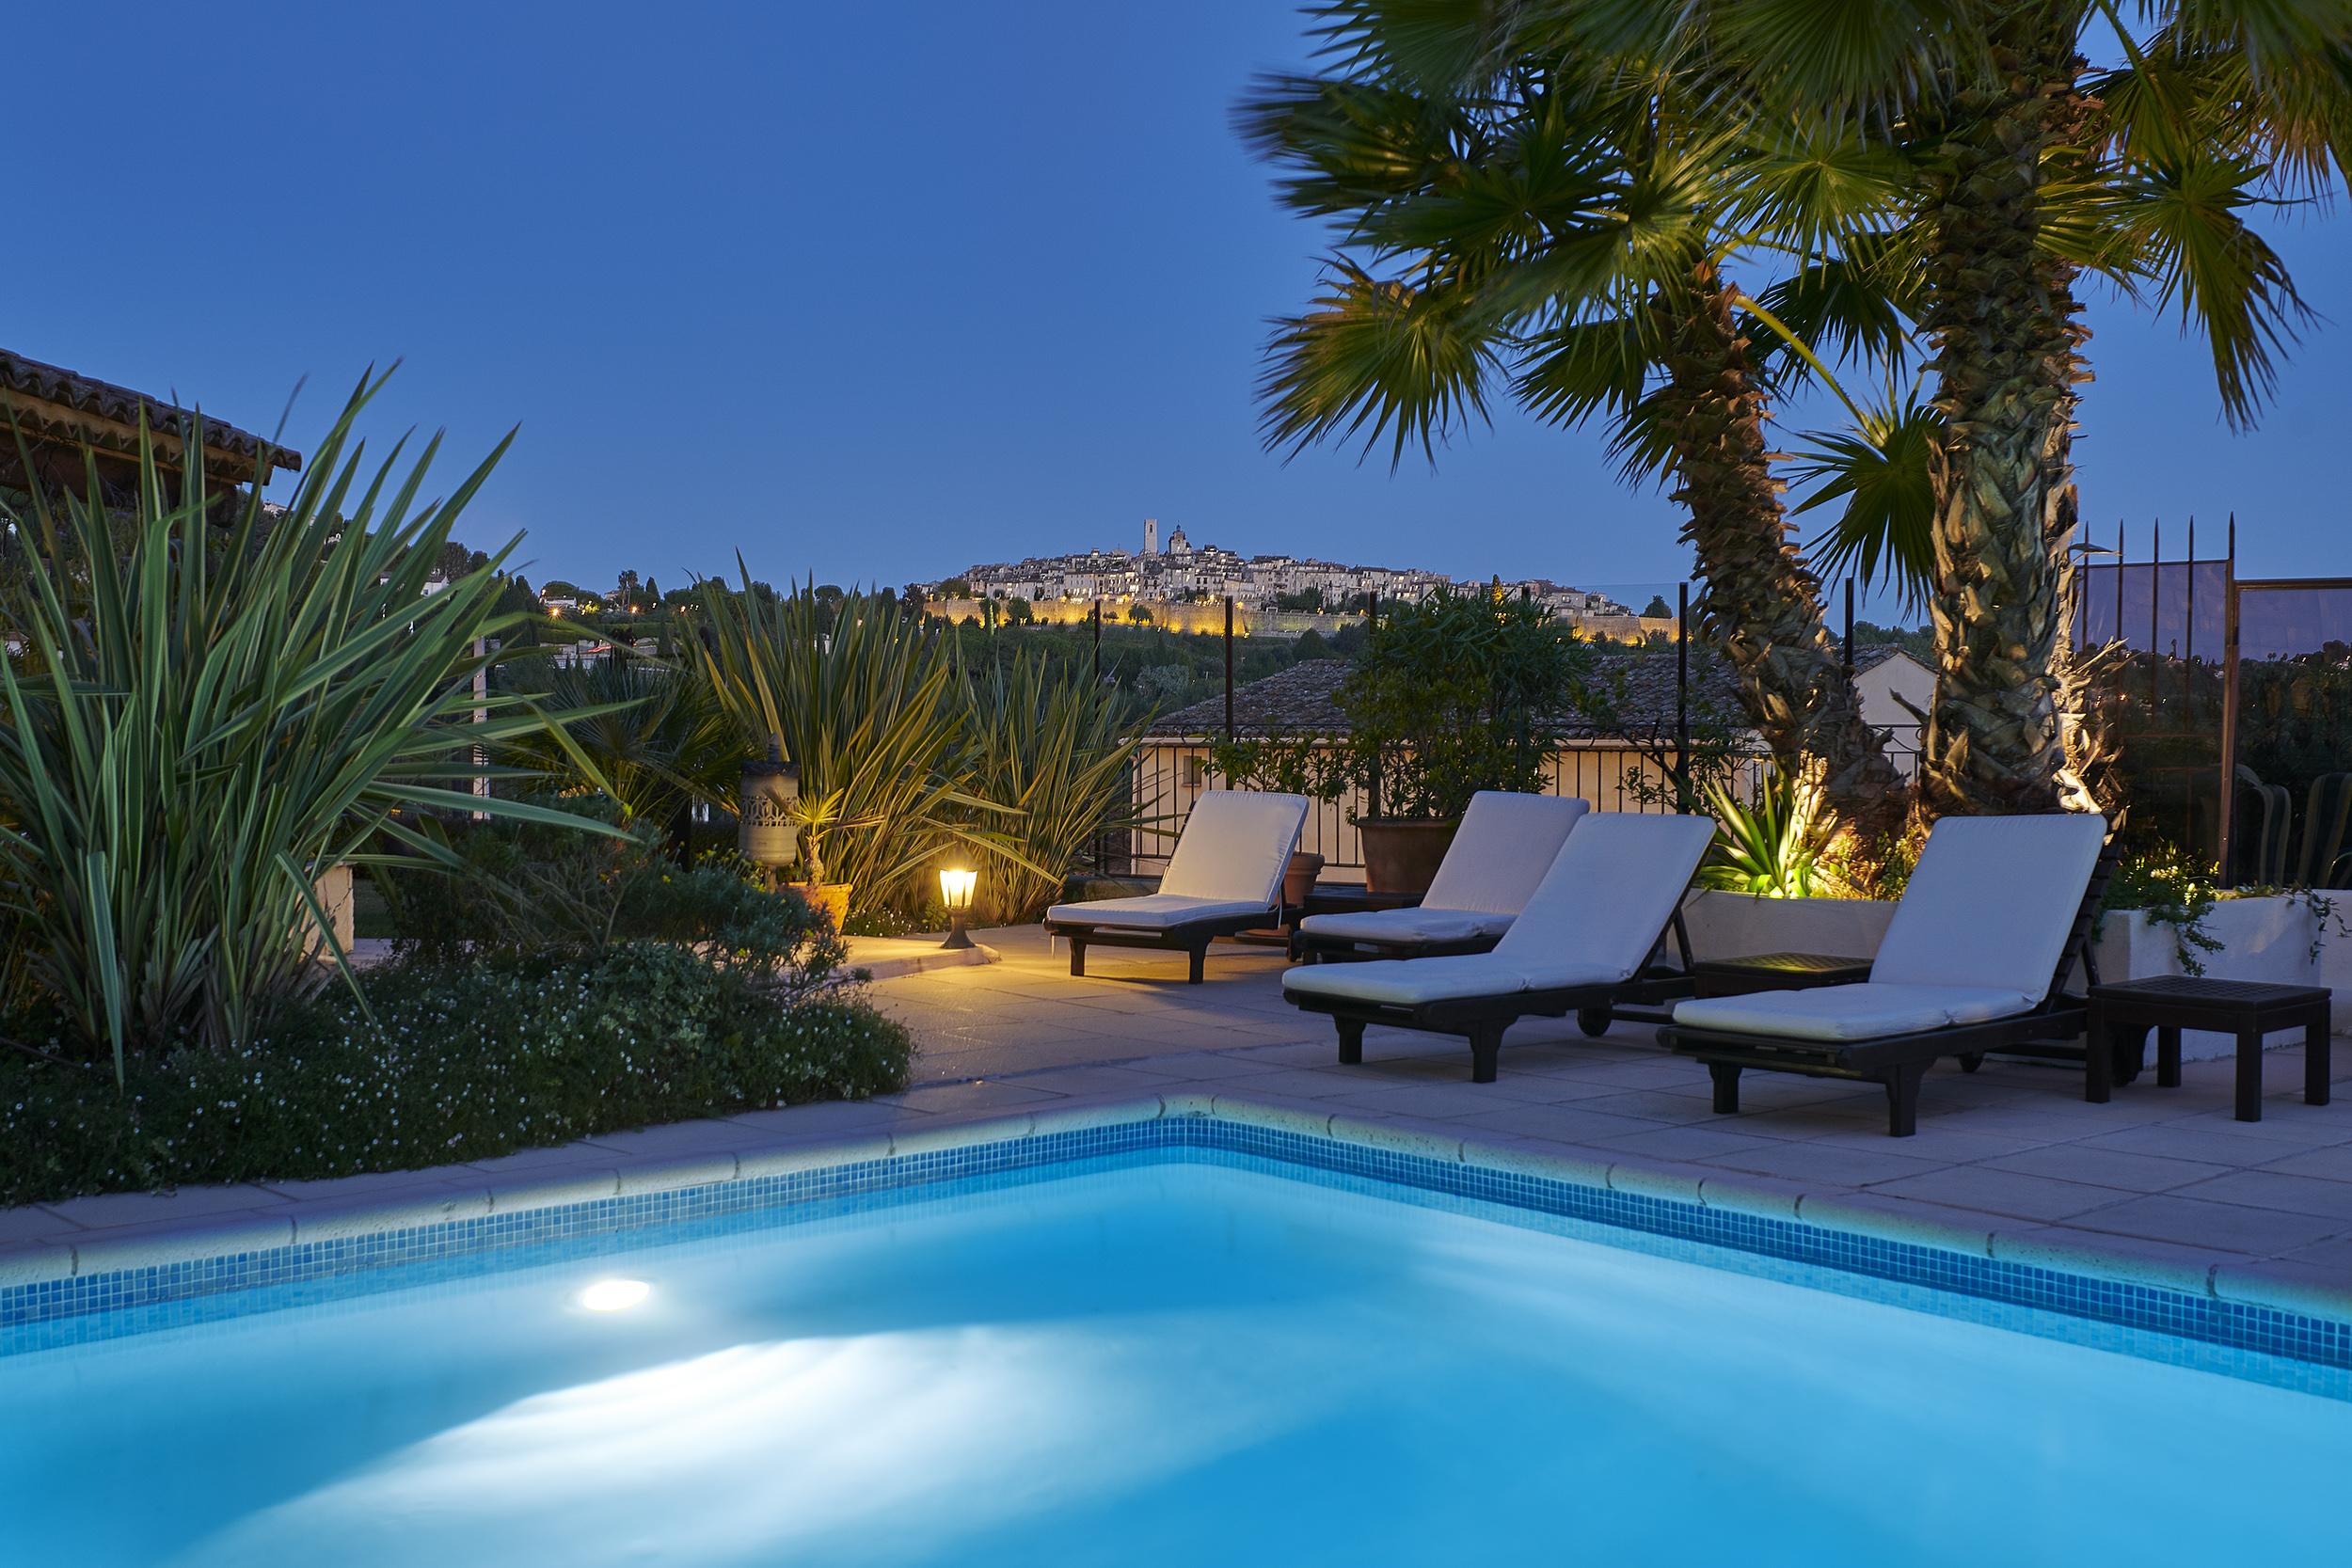 schwimmbad des hotels la grande bastide mit einem herrlichen blick auf saint paul de vence